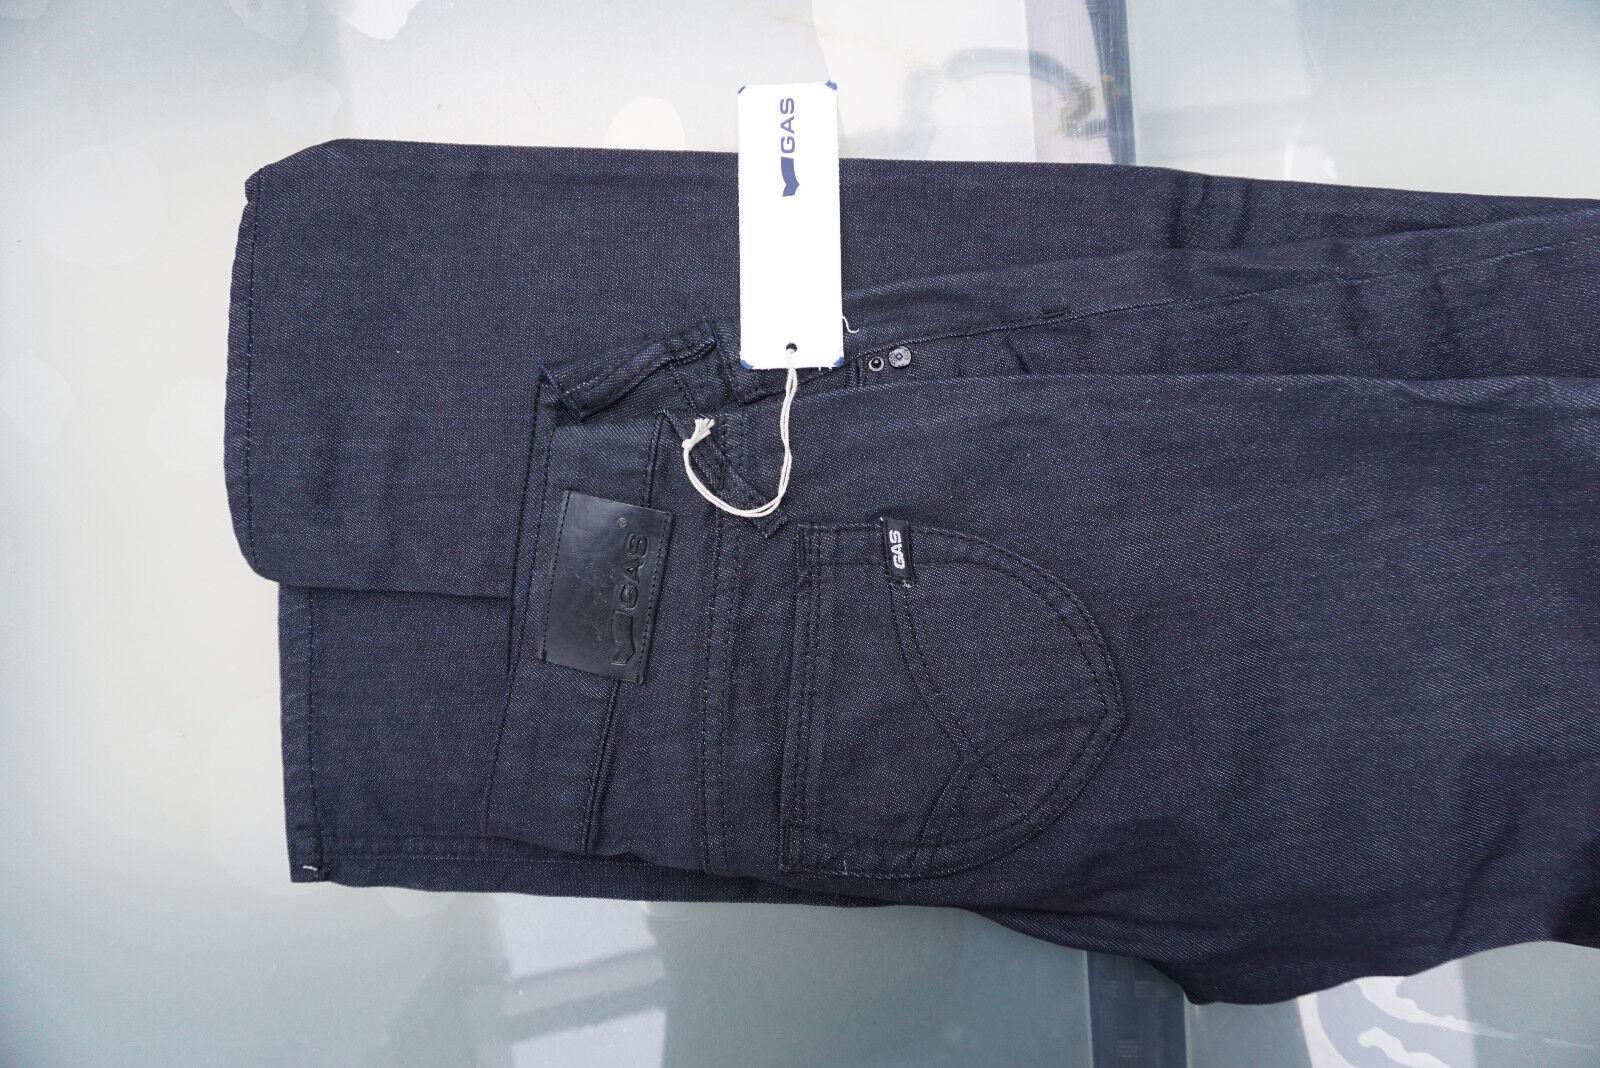 GAS Darline F Tight Damen Stretch Jeans Hose 27/34 W27 L34 ultra darkblue NEU